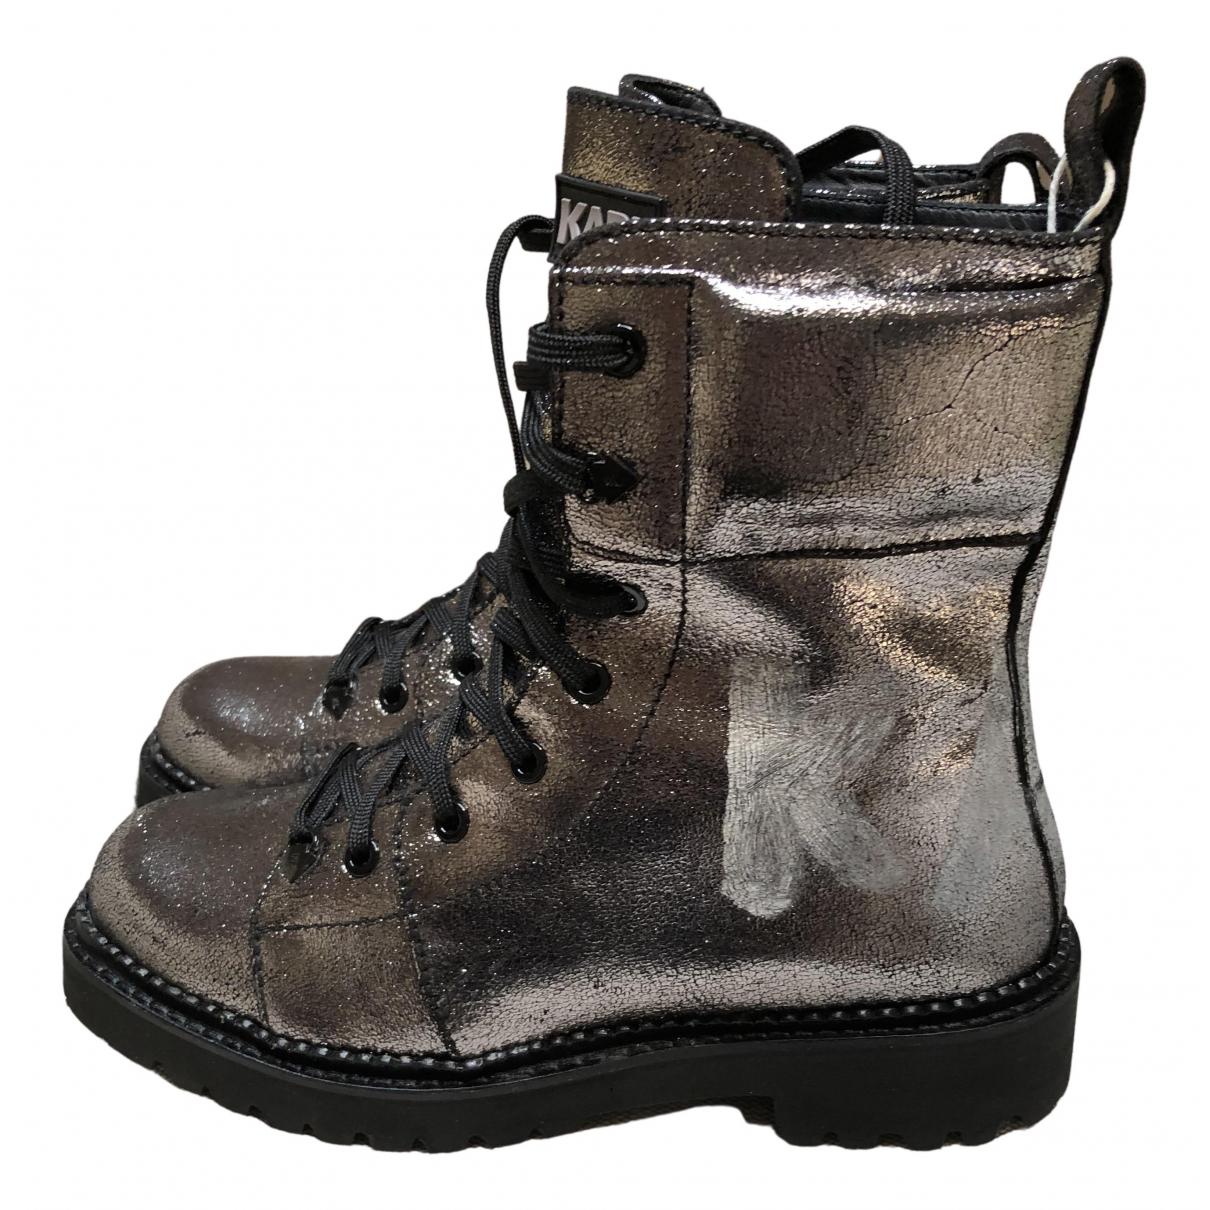 Karl Lagerfeld - Boots   pour femme en cuir